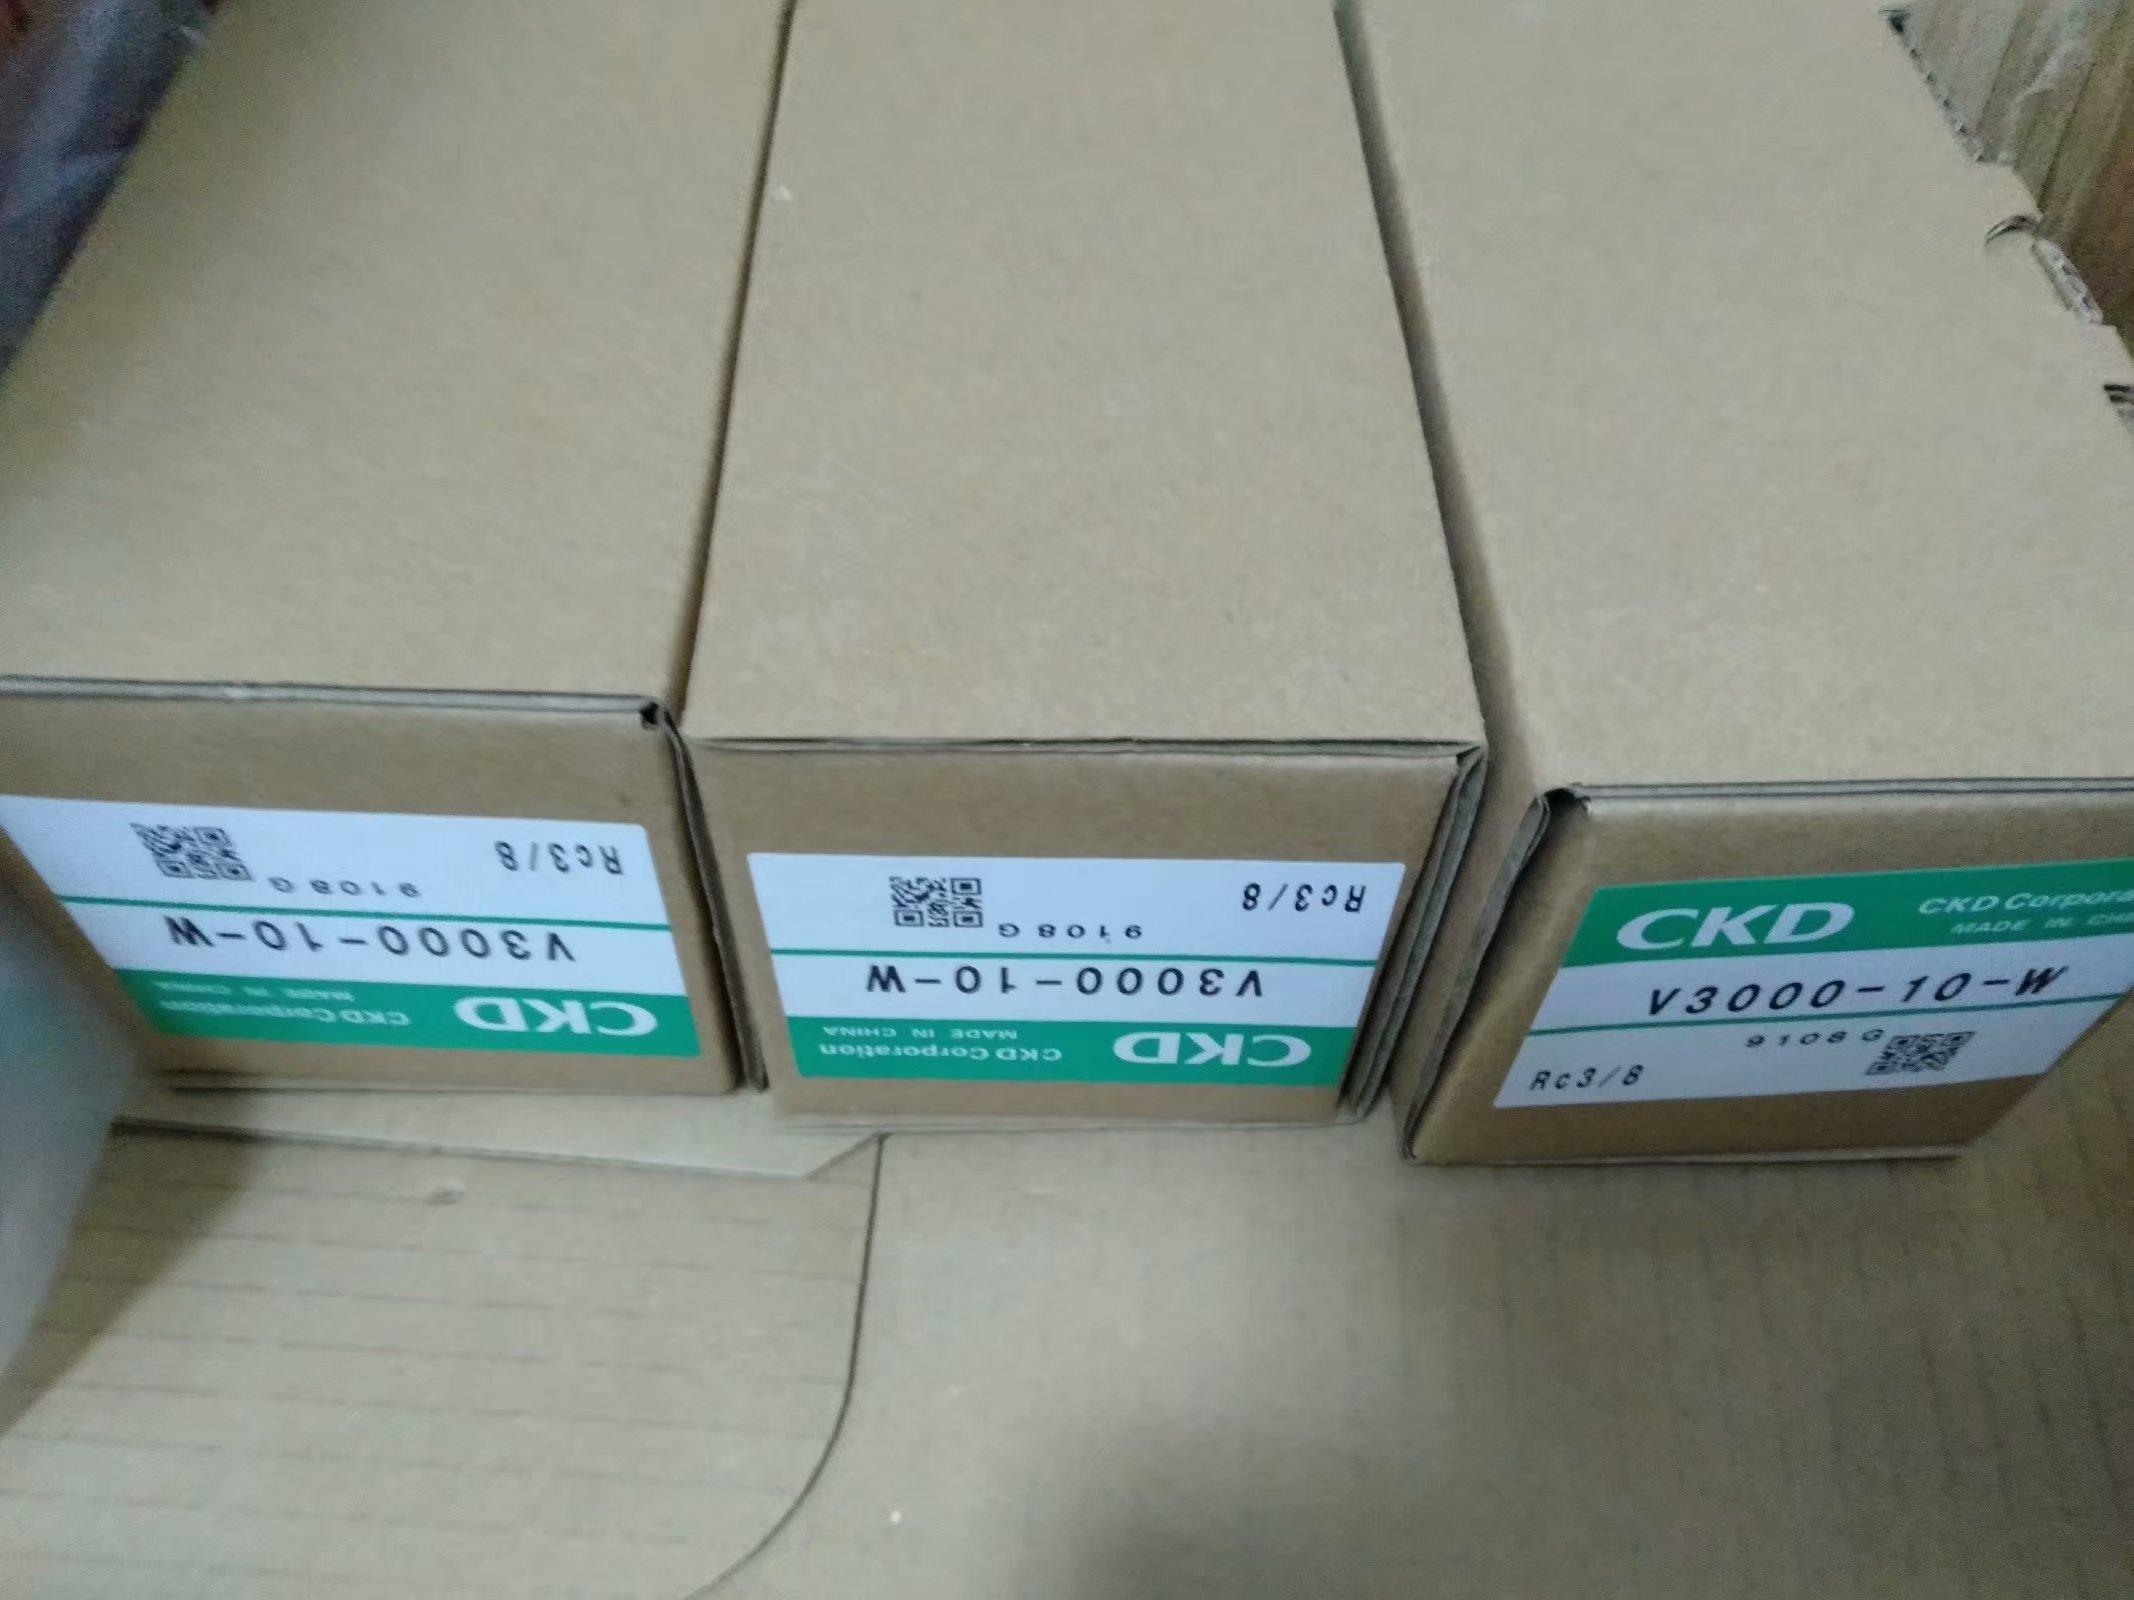 CKD V3000-10-W